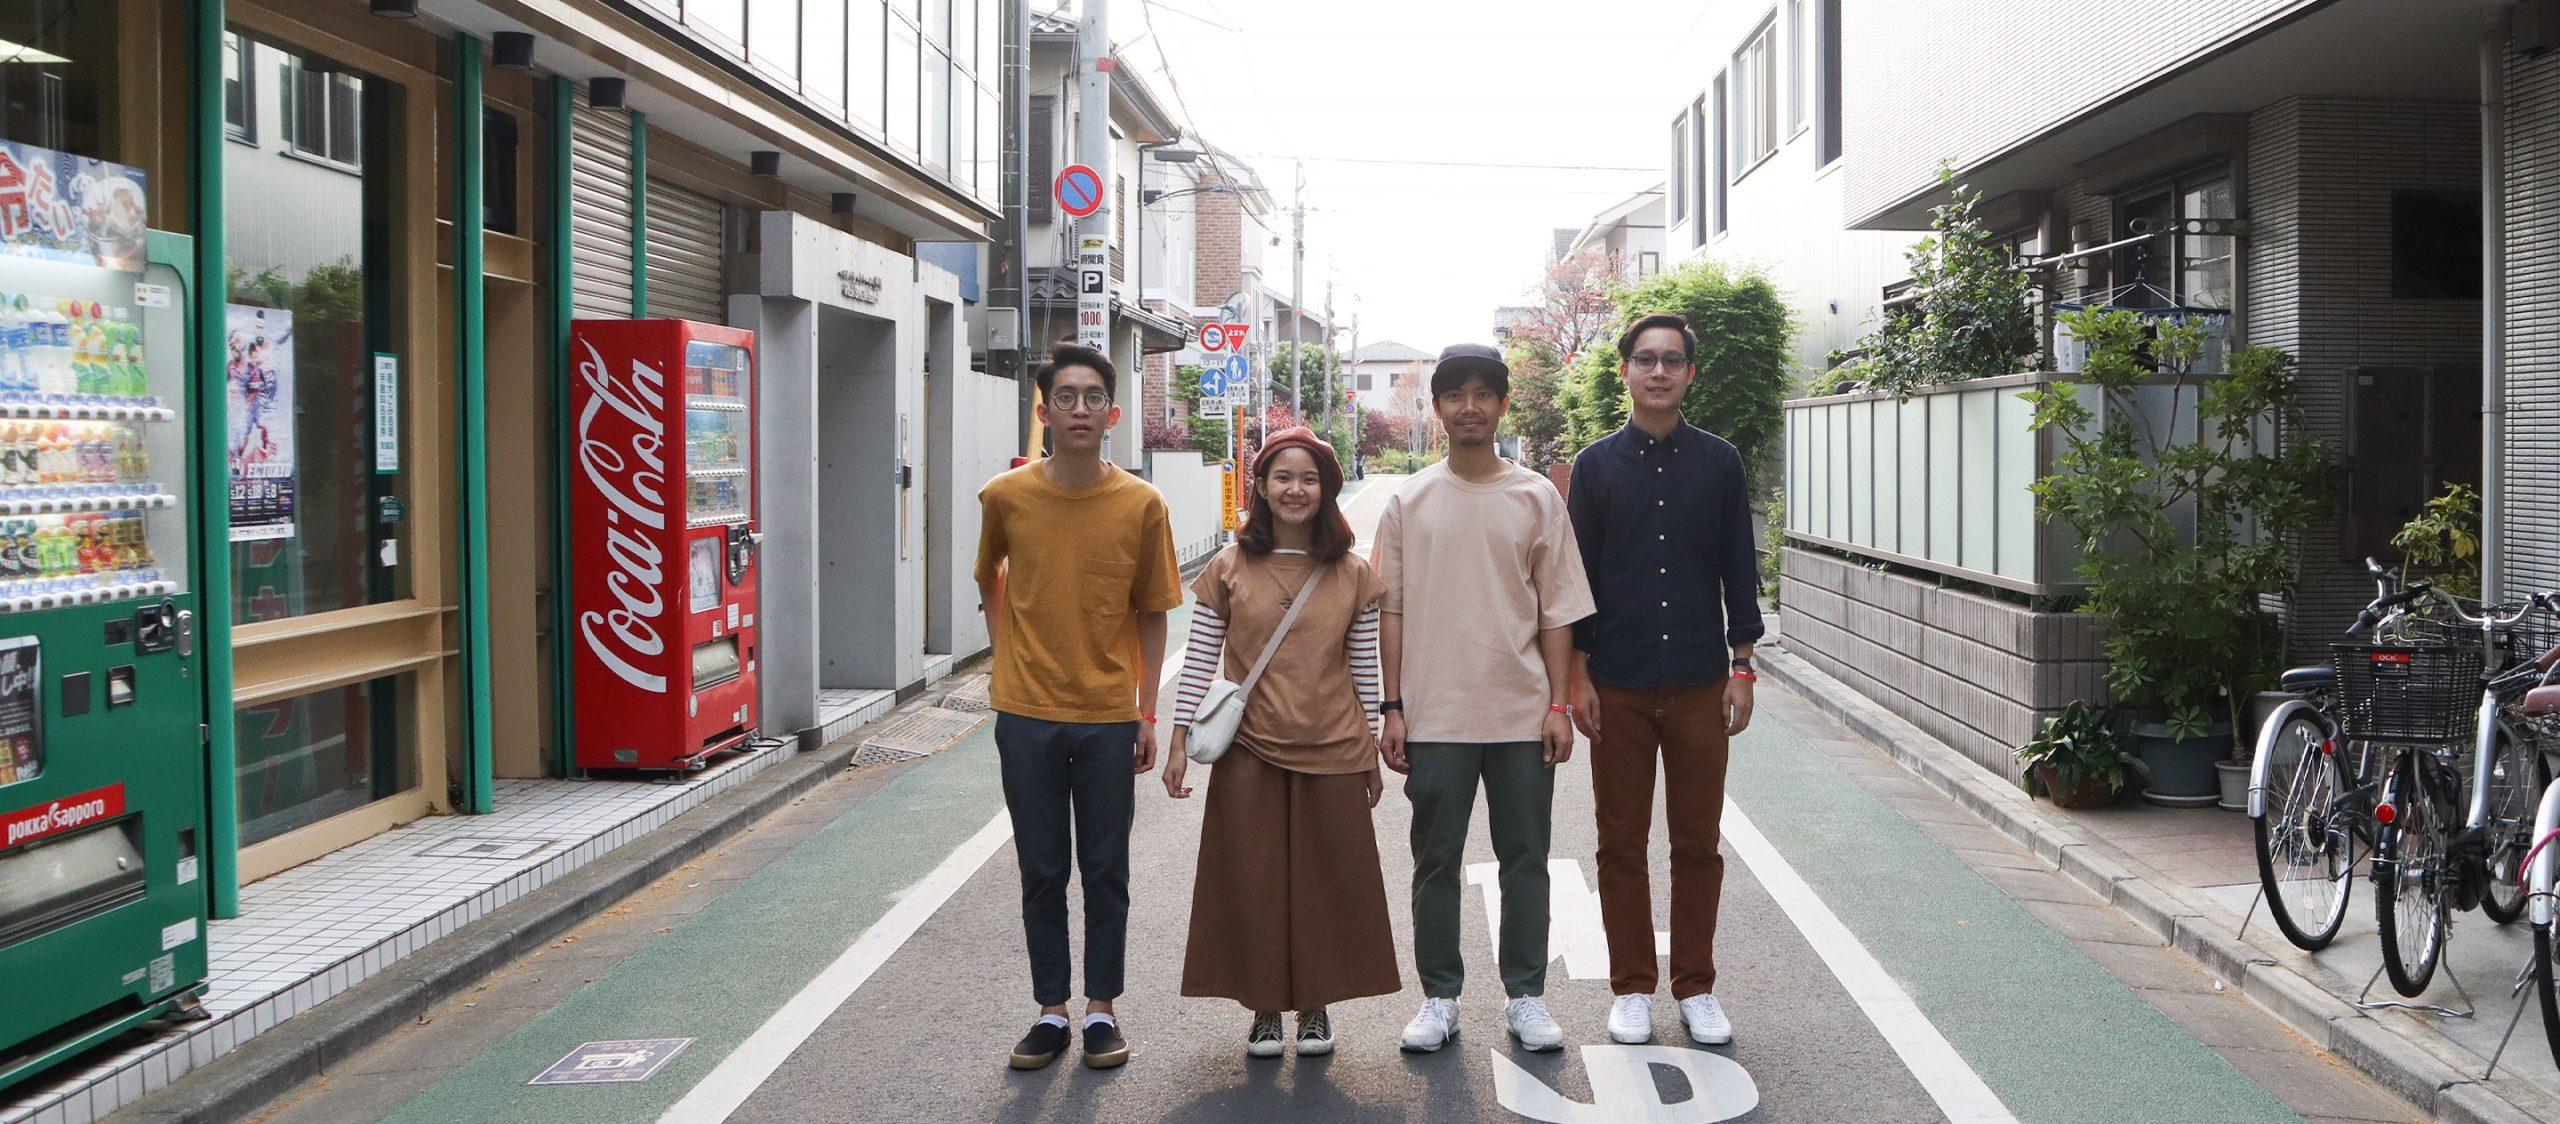 'หยิบแฮมเป็นแผ่นที่หก' แล้วตามไปทัวร์คอนเสิร์ตครั้งแรกที่โตเกียวกับ Plastic Plastic